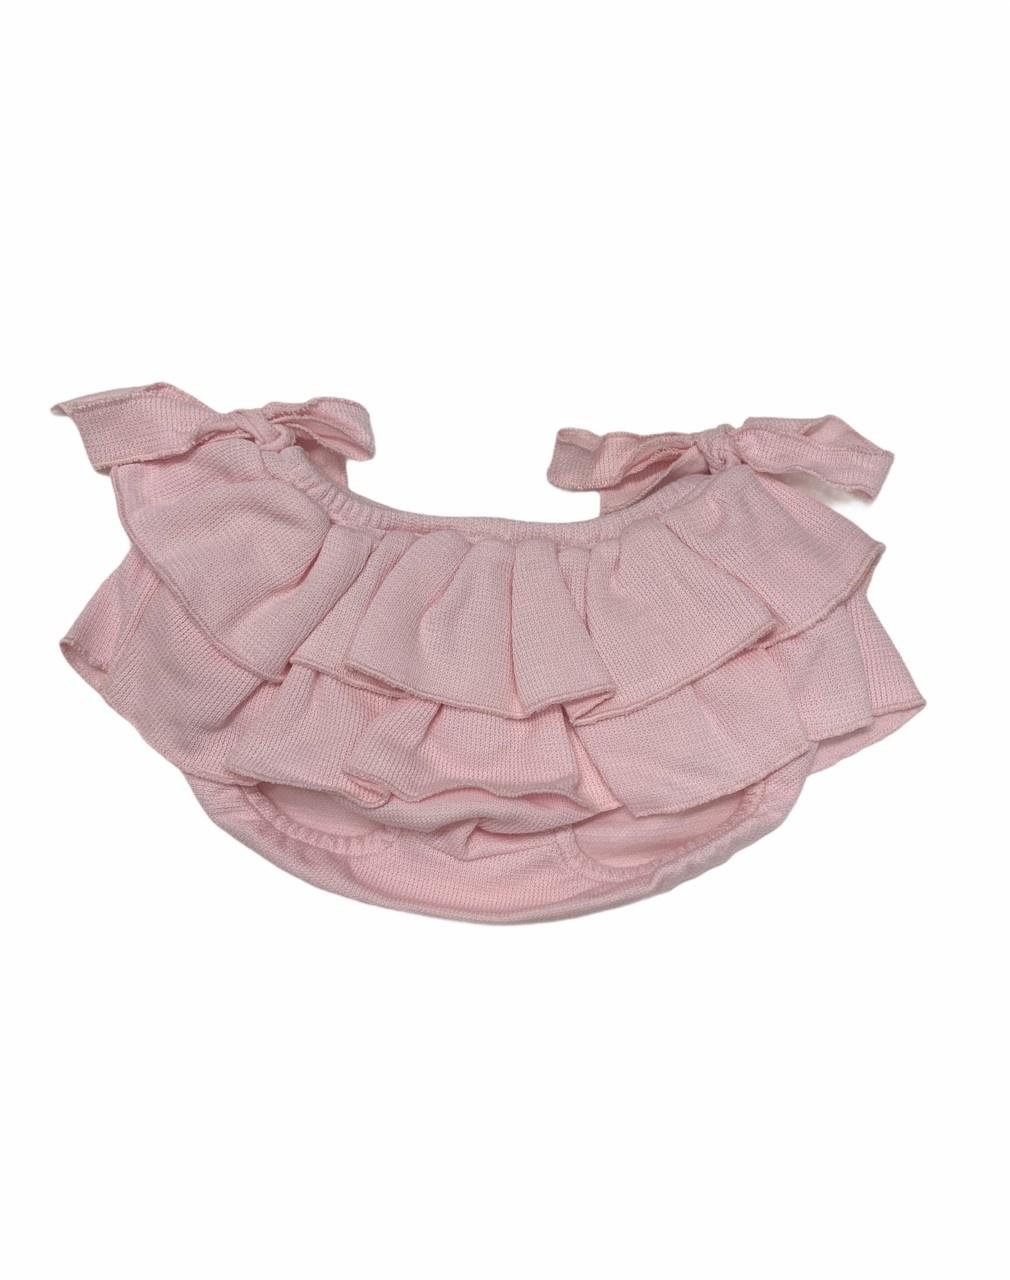 Babidu Babidu Girls Frill Bodysuit and Pants Set - 30265 / 1191